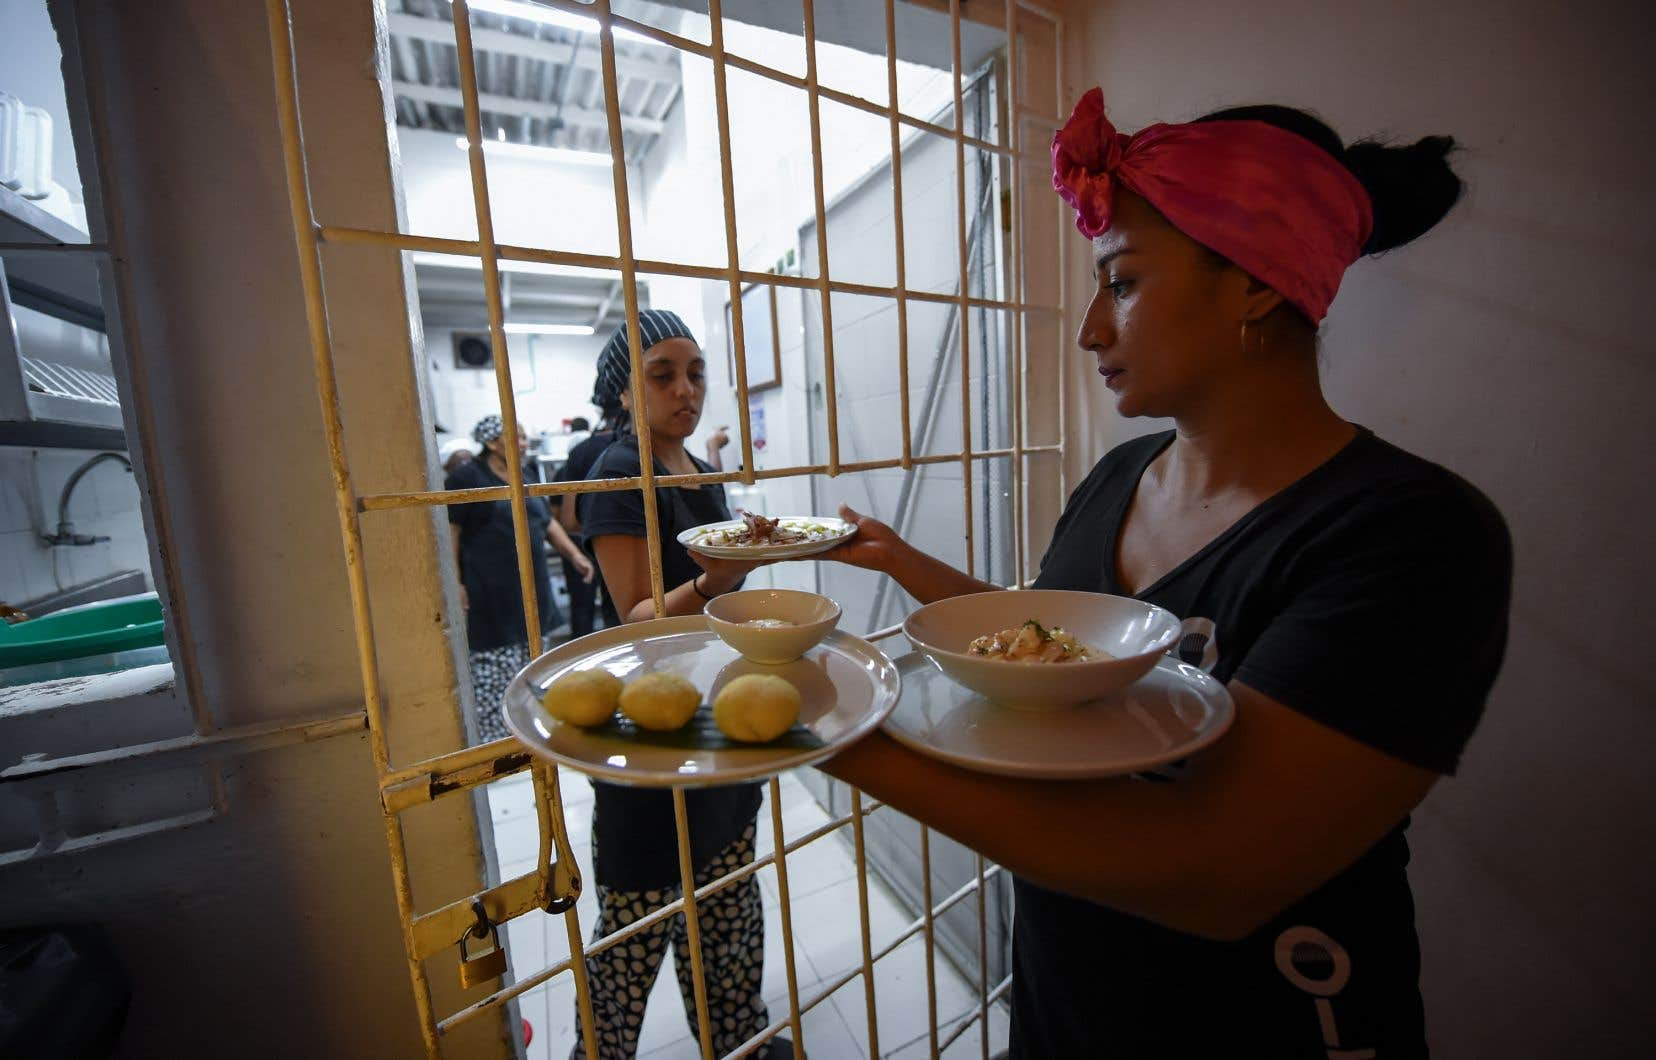 un restaurant gourmet dans une prison de colombie le devoir. Black Bedroom Furniture Sets. Home Design Ideas